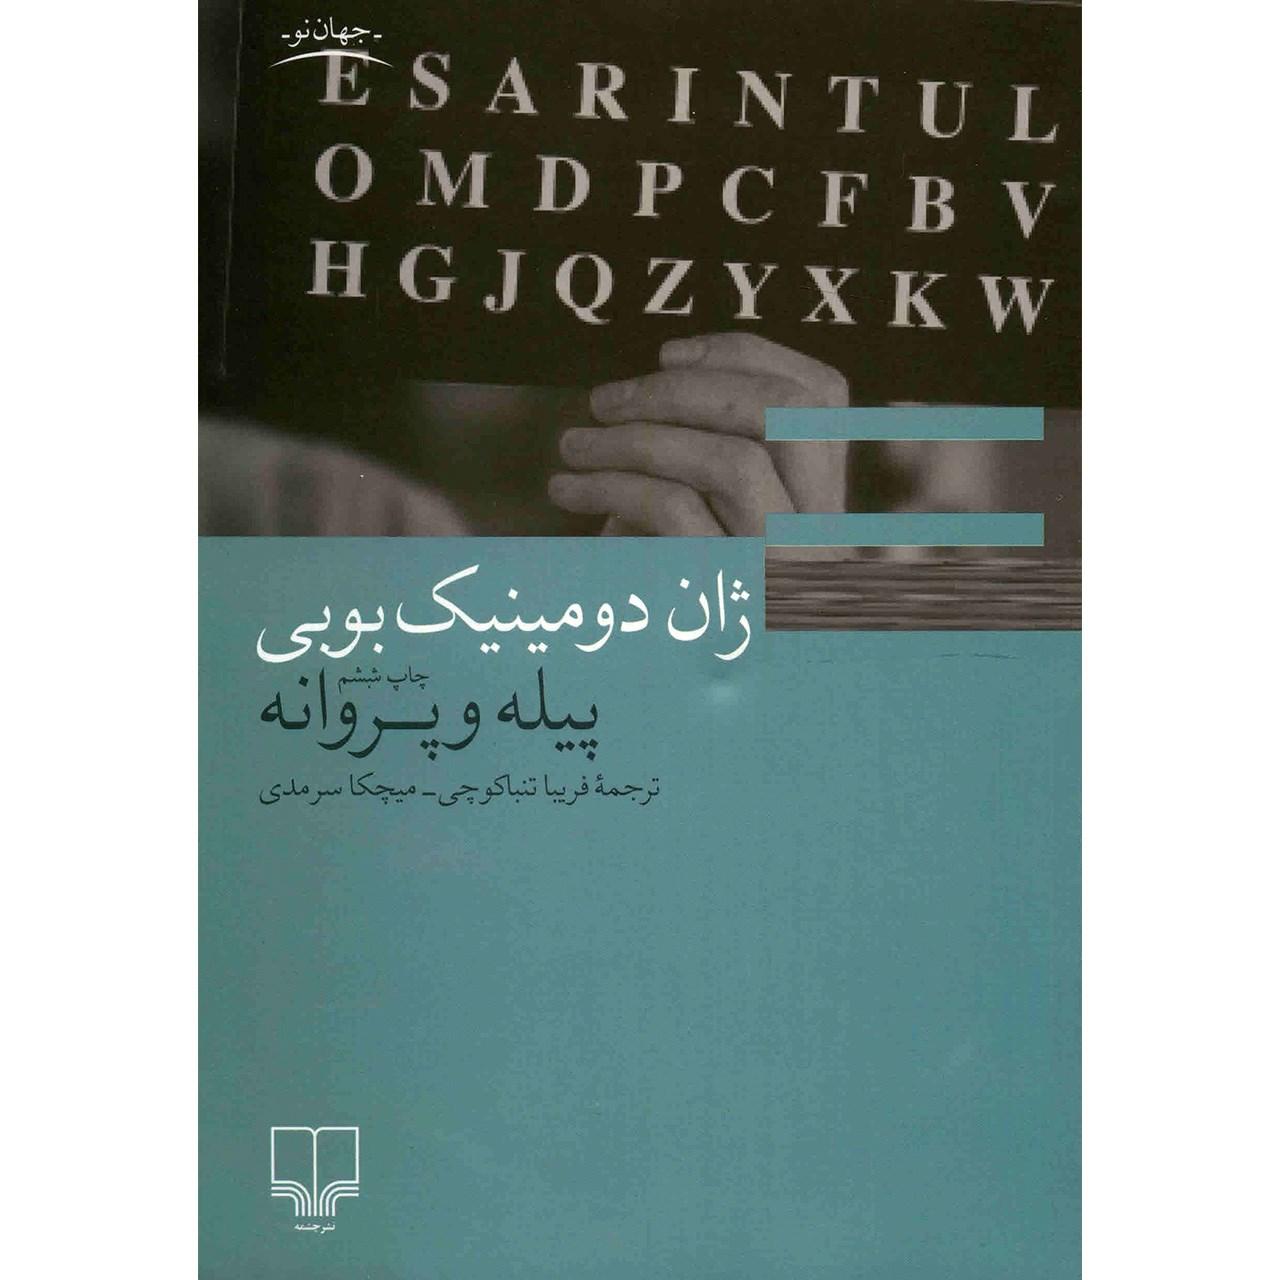 خرید                      کتاب پیله و پروانه اثر ژان دومینیک بوبی